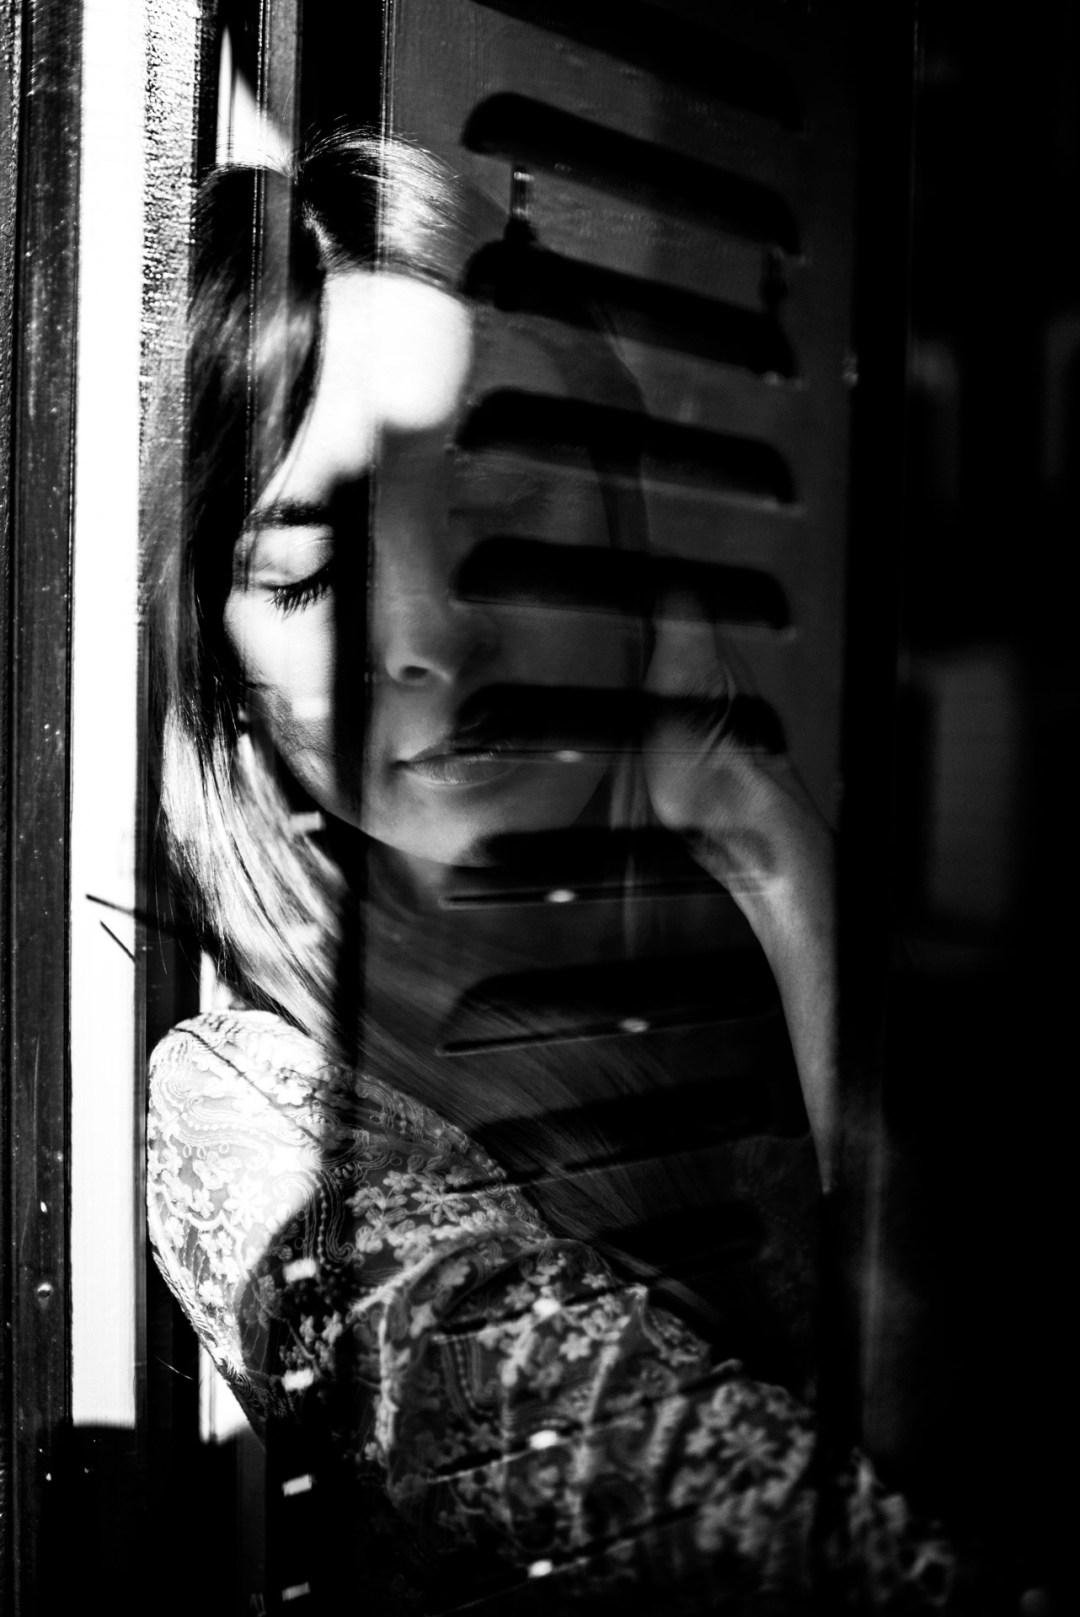 Crazy Love Shots - Fotógrafo de Boda Madrid - Claudia LLagostera - Carla Cotterli